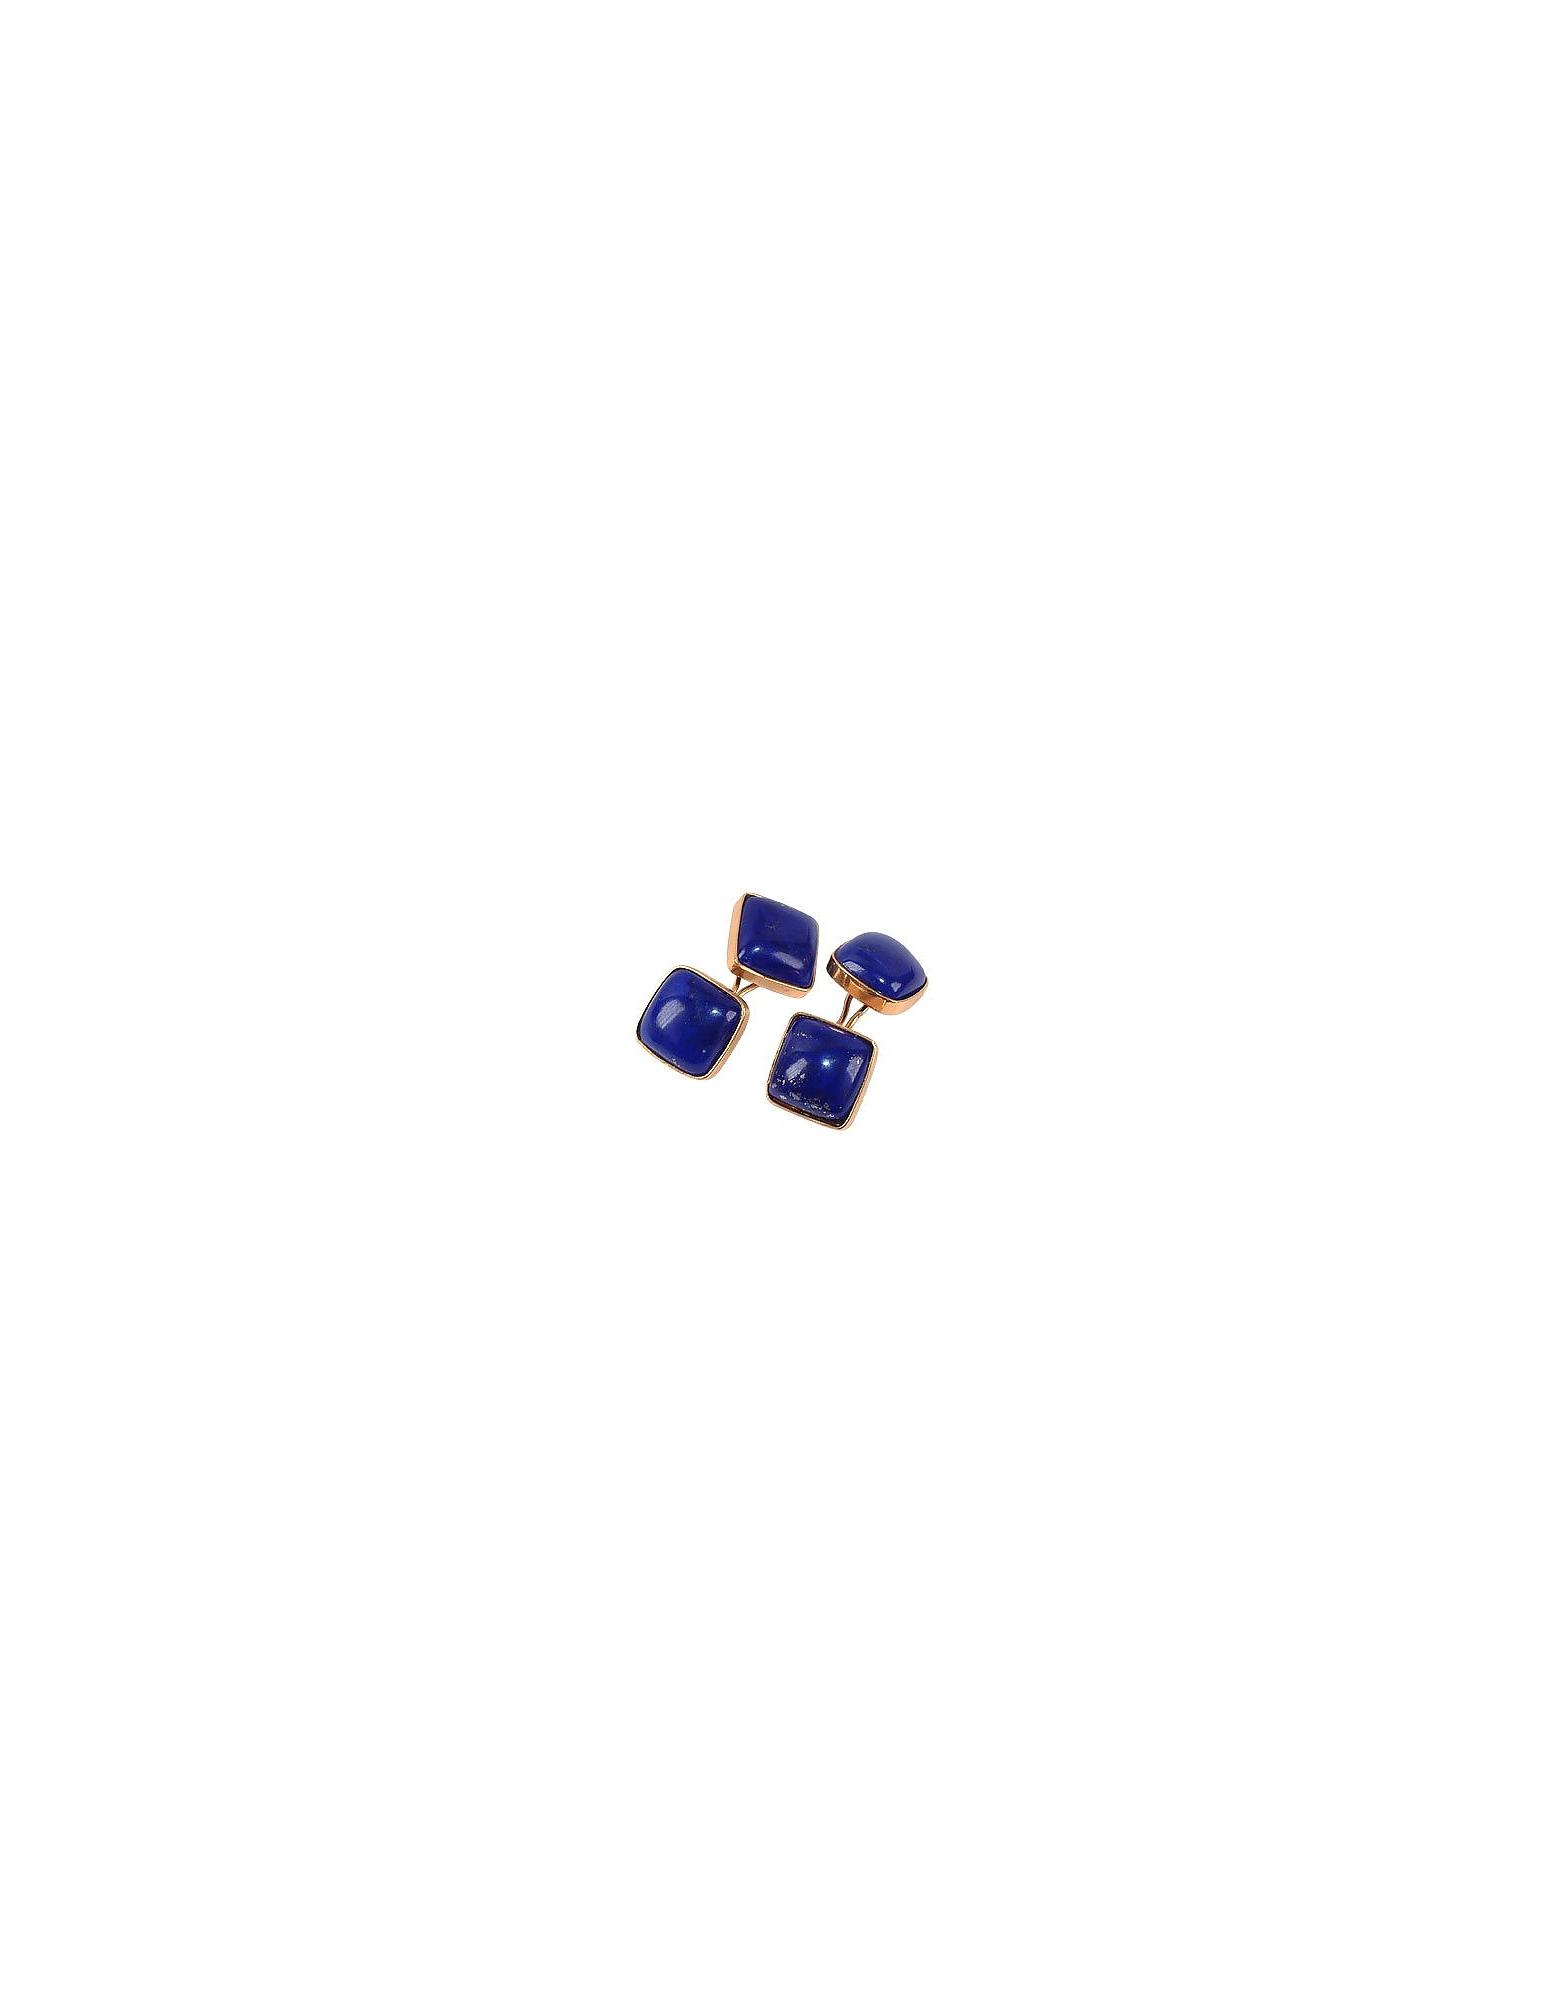 Forzieri Exclusives Cufflinks, Vintage Style Lapis Lazuli Cufflinks